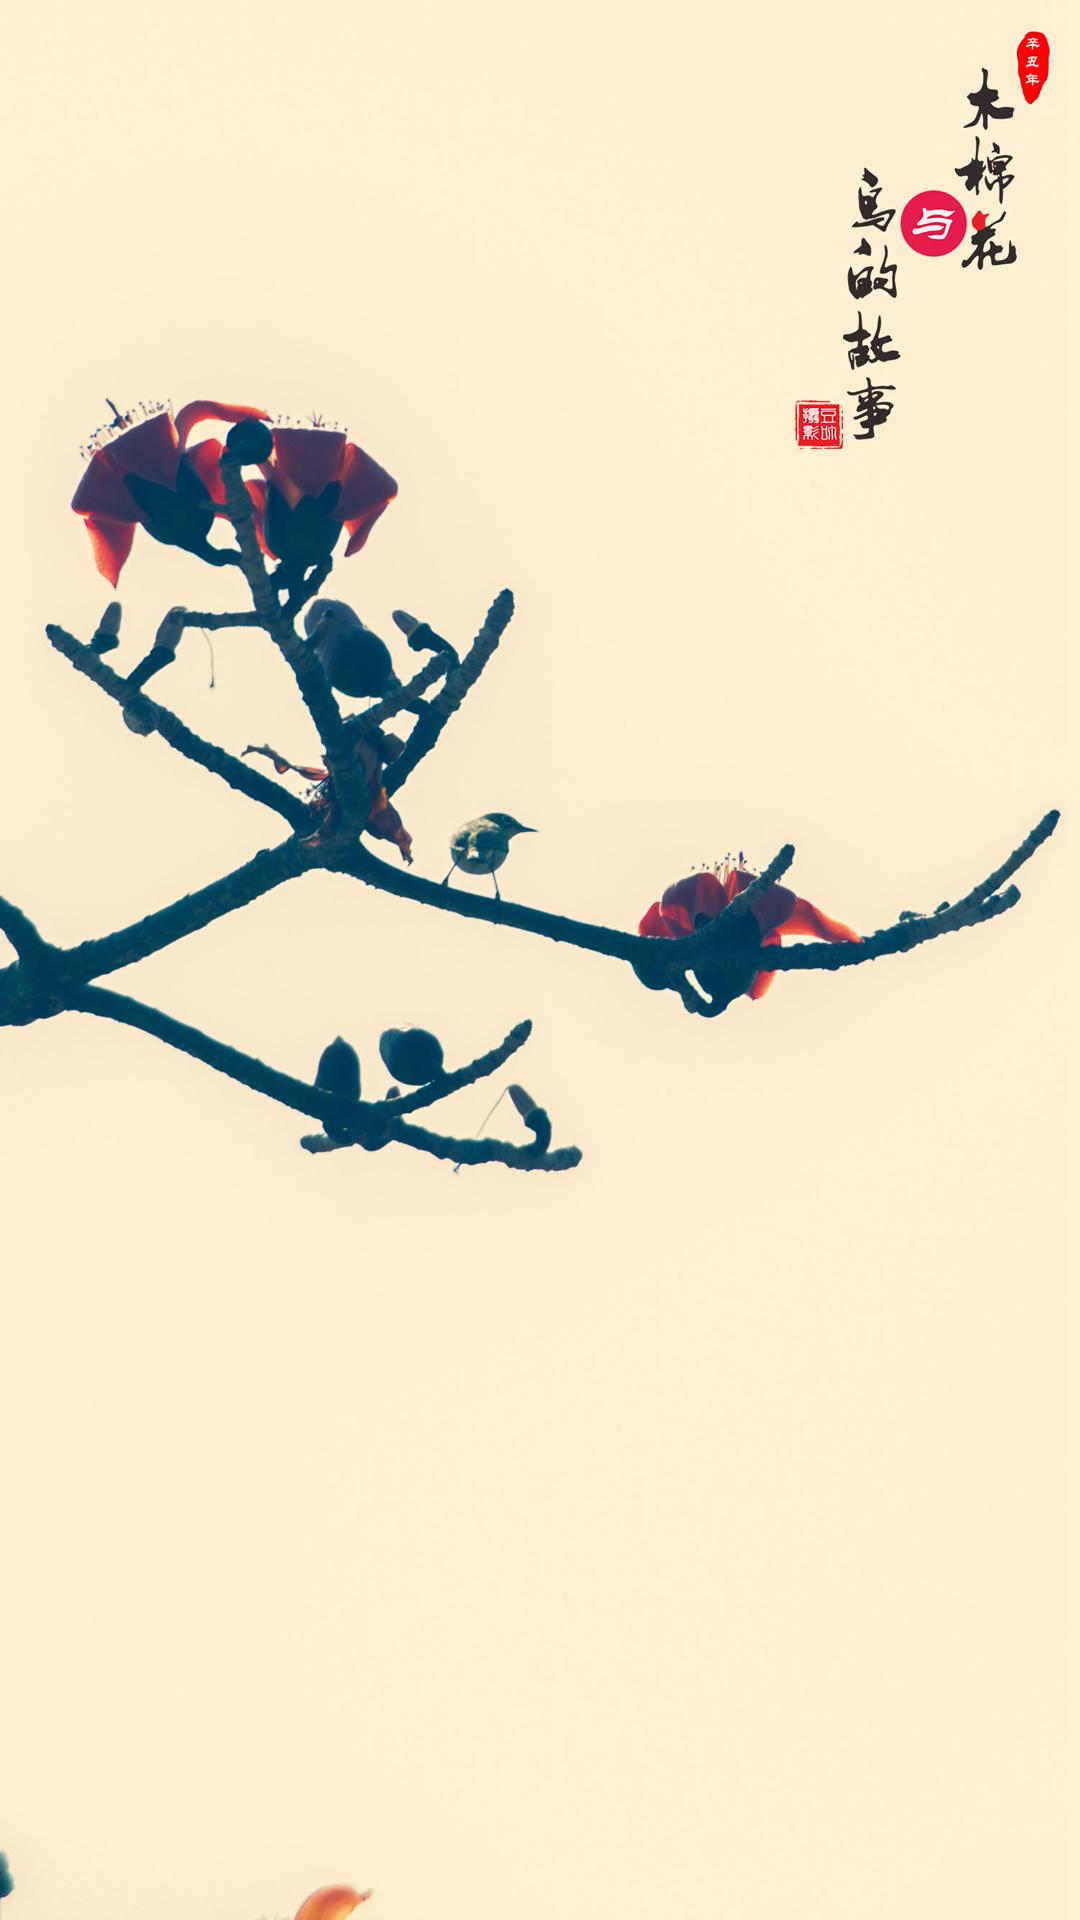 木棉花与鸟的故事02.jpg